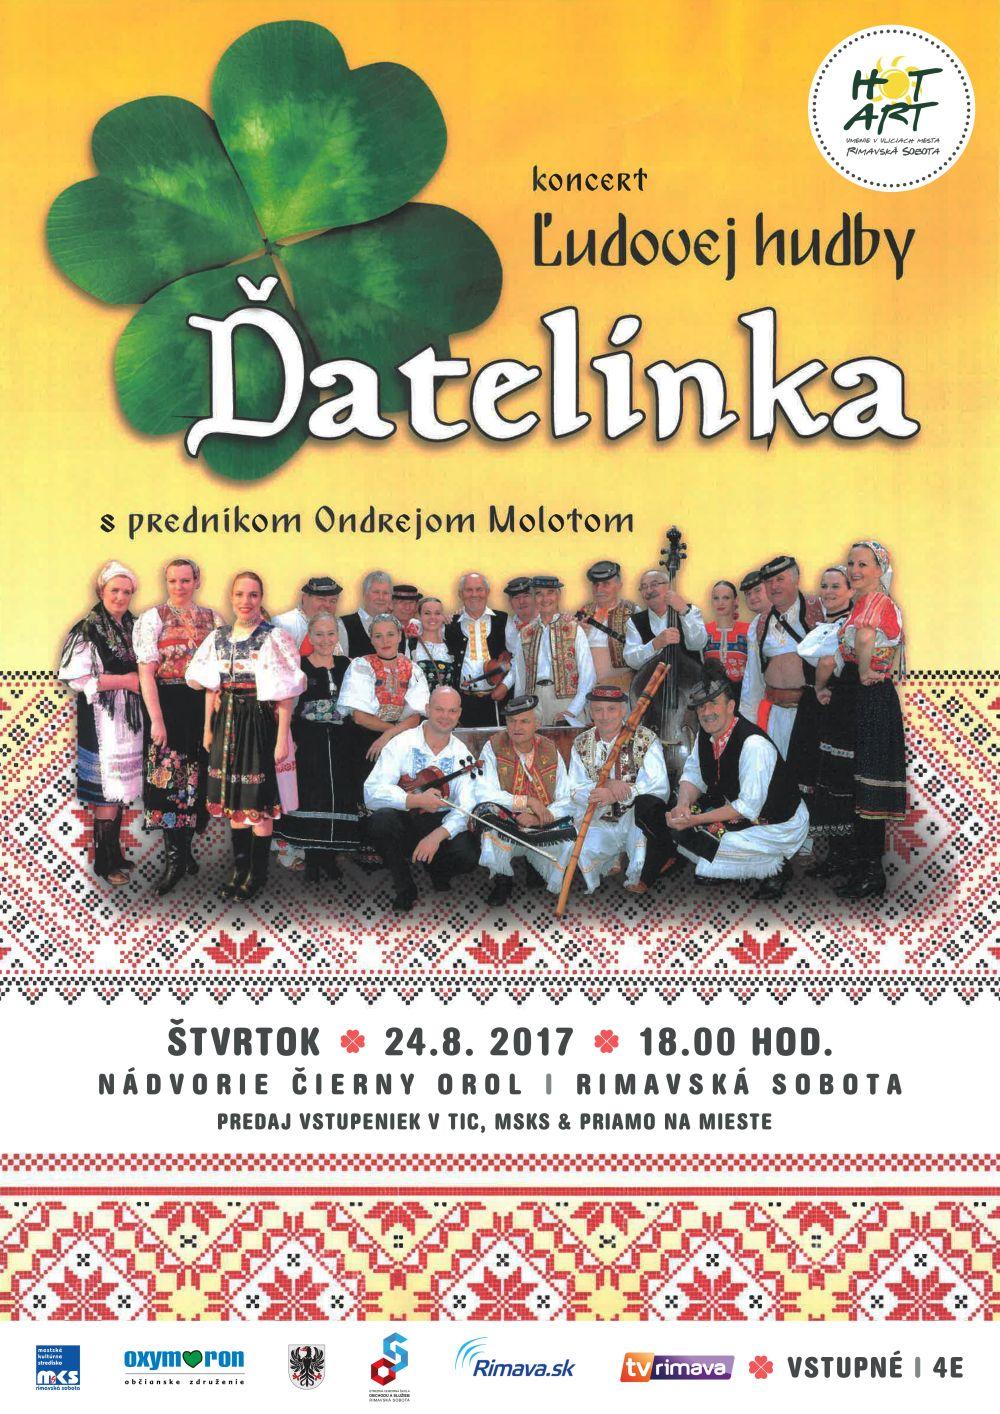 Ľudová hudba Ďatelinka z Podpoľania @ Nádvorie Čierny orol, Rimavská Sobota | Slovensko